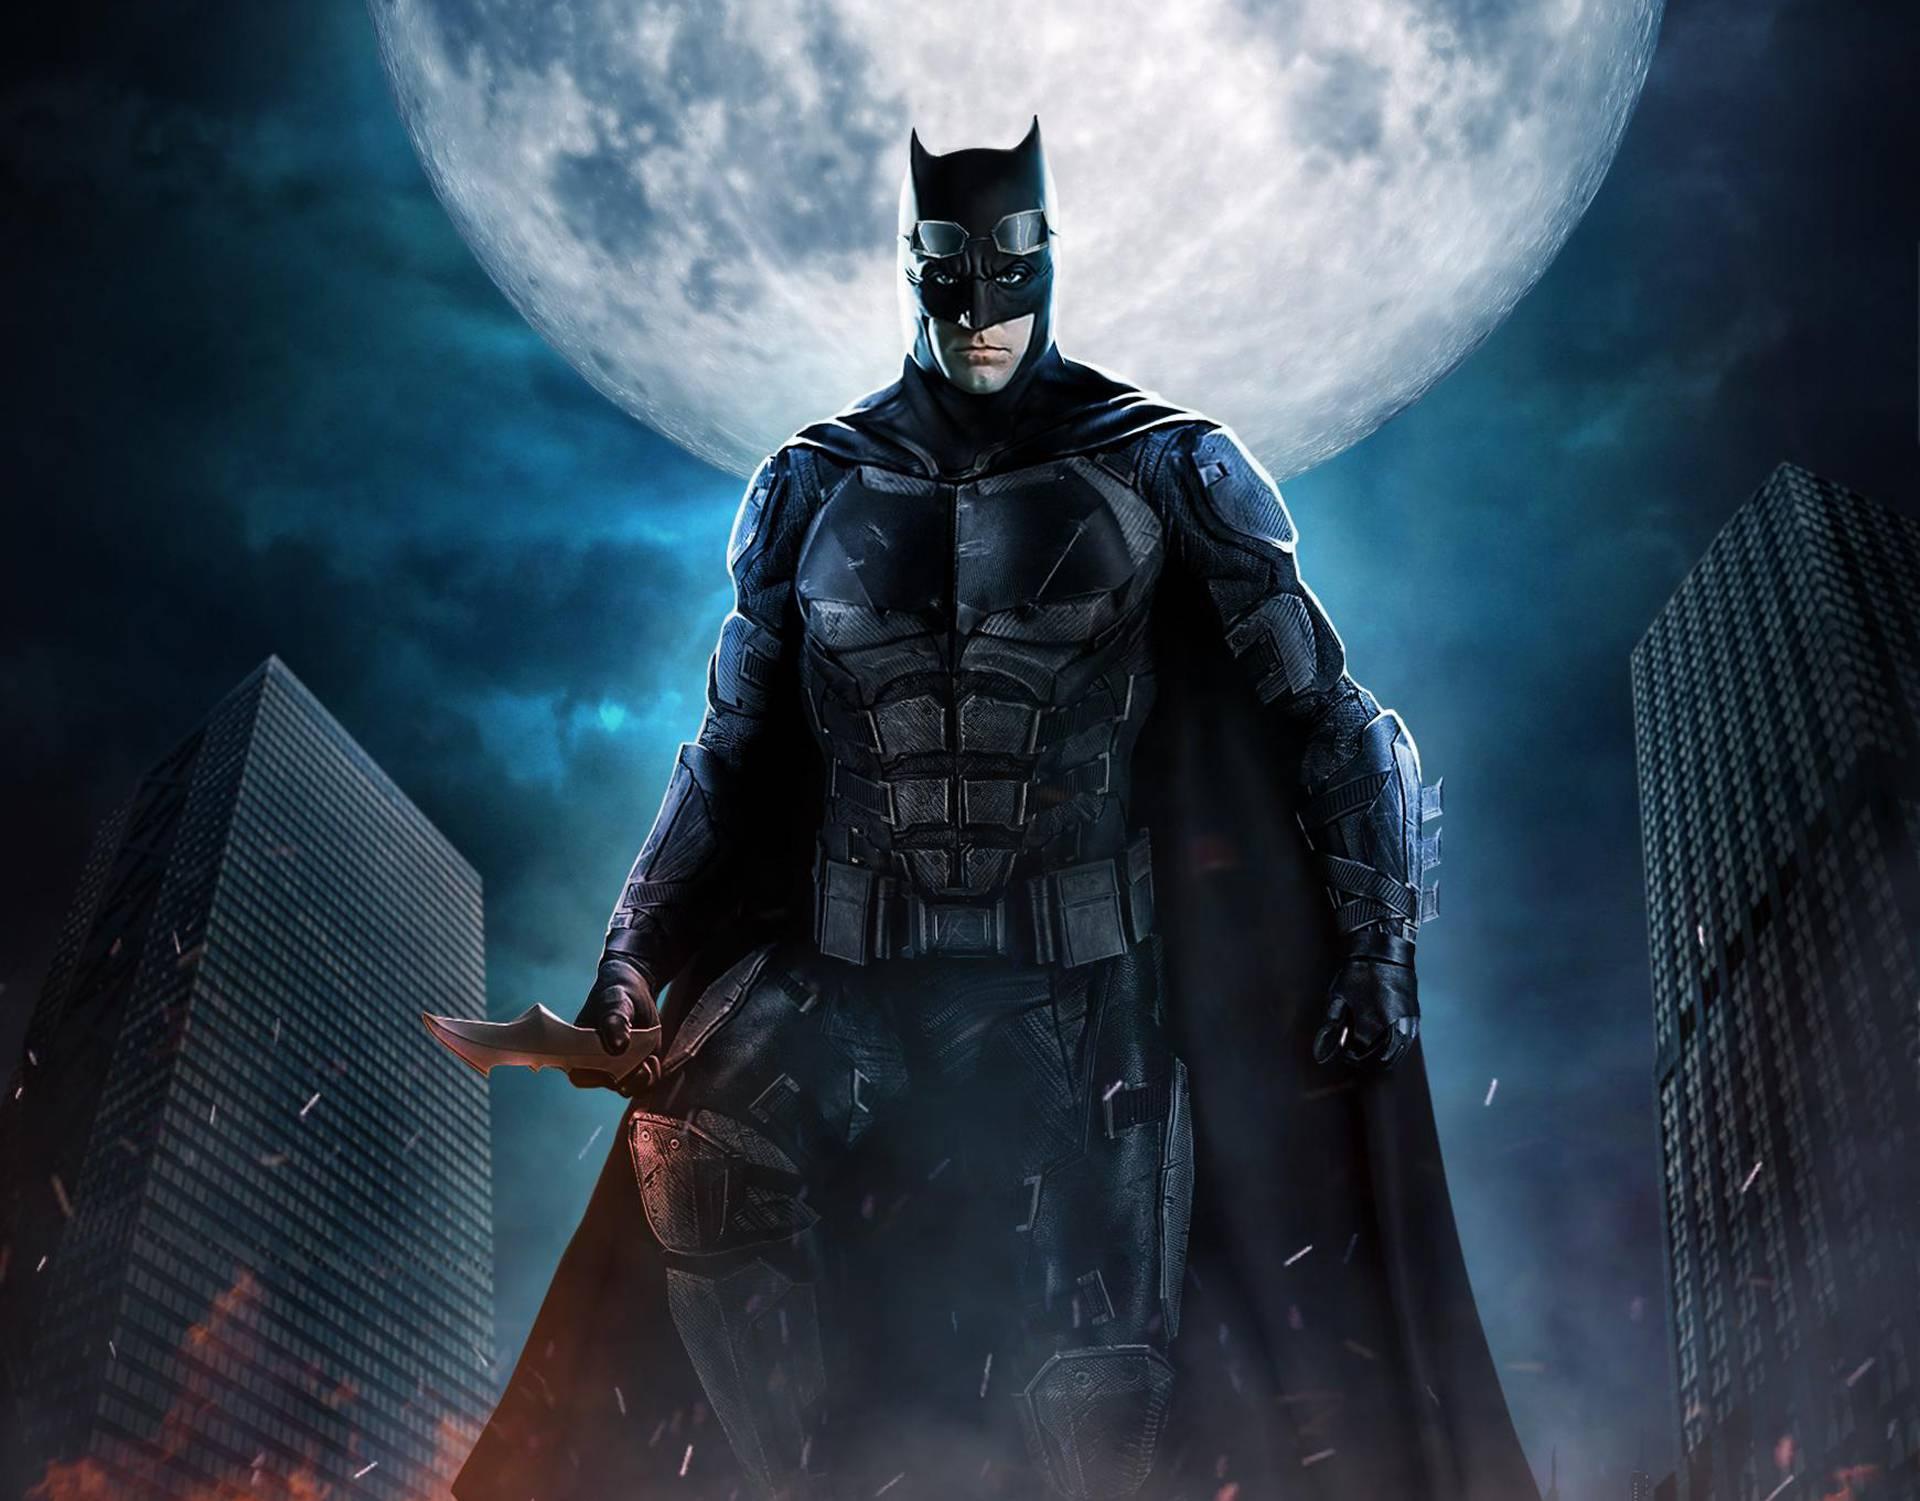 batman the movie - HD1920×1080